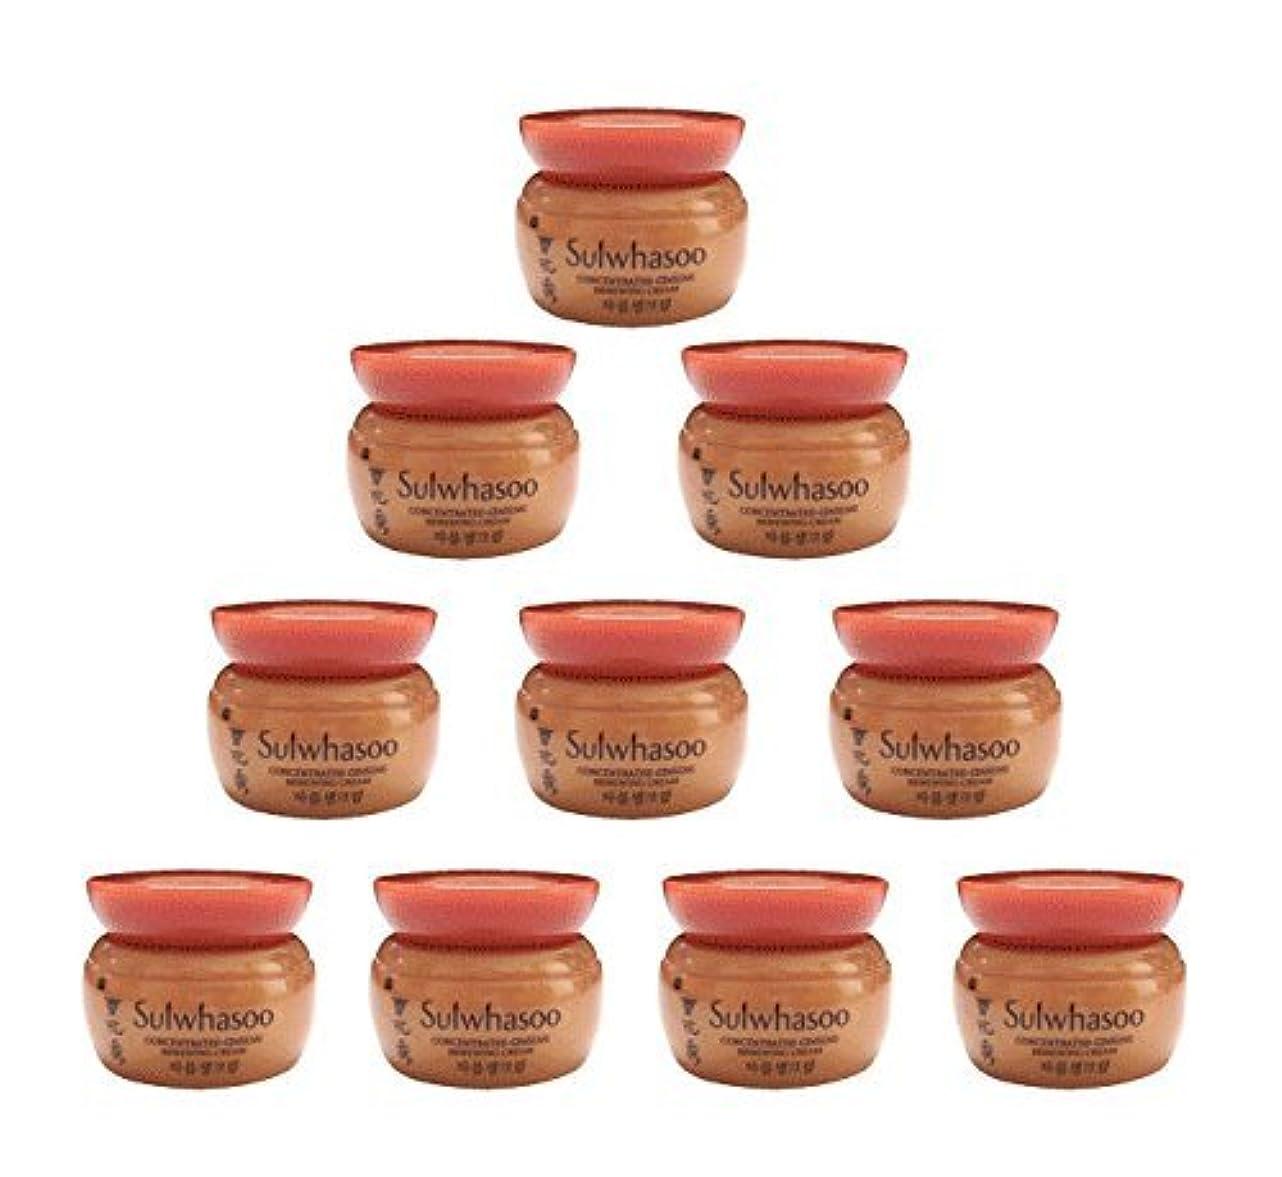 はさみベギンアプライアンス【ソルファス 雪花秀 Sulwhasoo】 Concentrated Ginseng Renewing Cream(50ml) 5ml x 10個 韓国化粧品 ブランドのサンプル [並行輸入品]